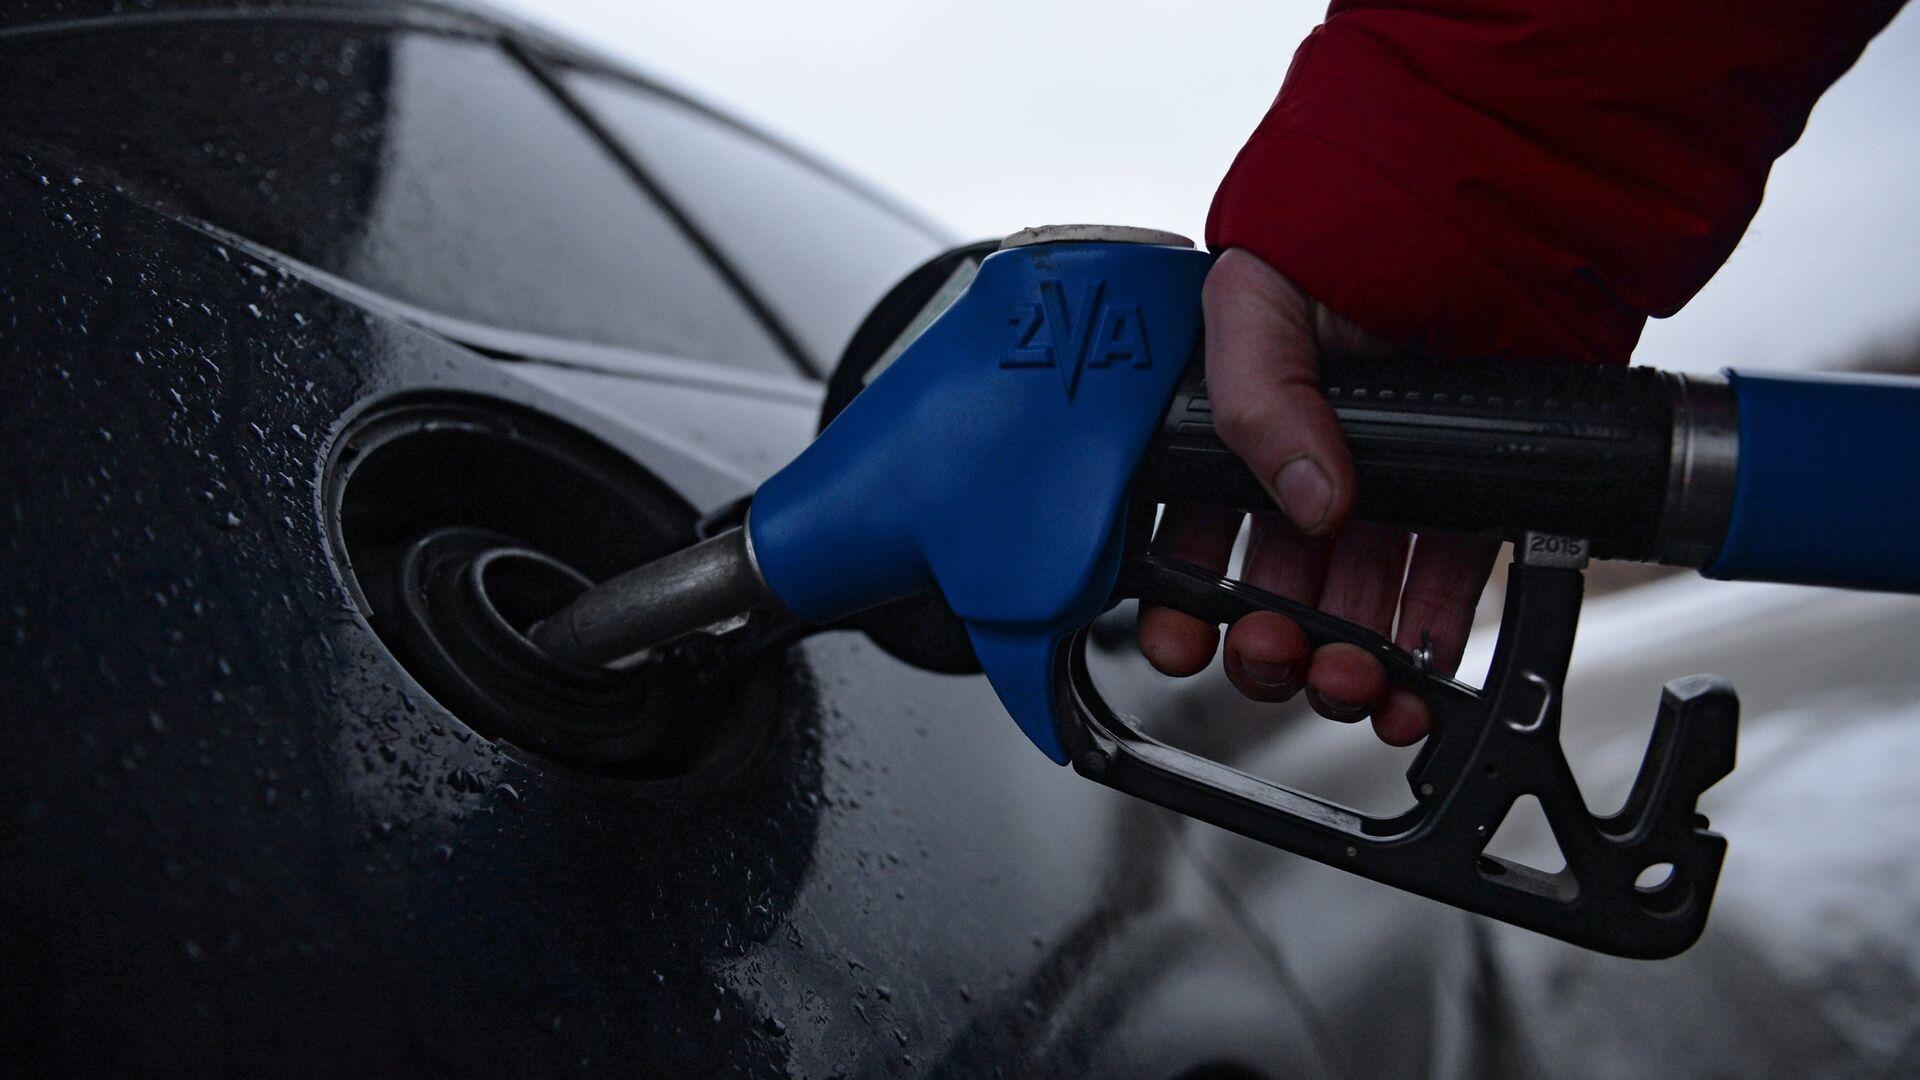 Reabastecimiento de combustible en una gasolinera (imagen referencial) - Sputnik Mundo, 1920, 05.03.2021